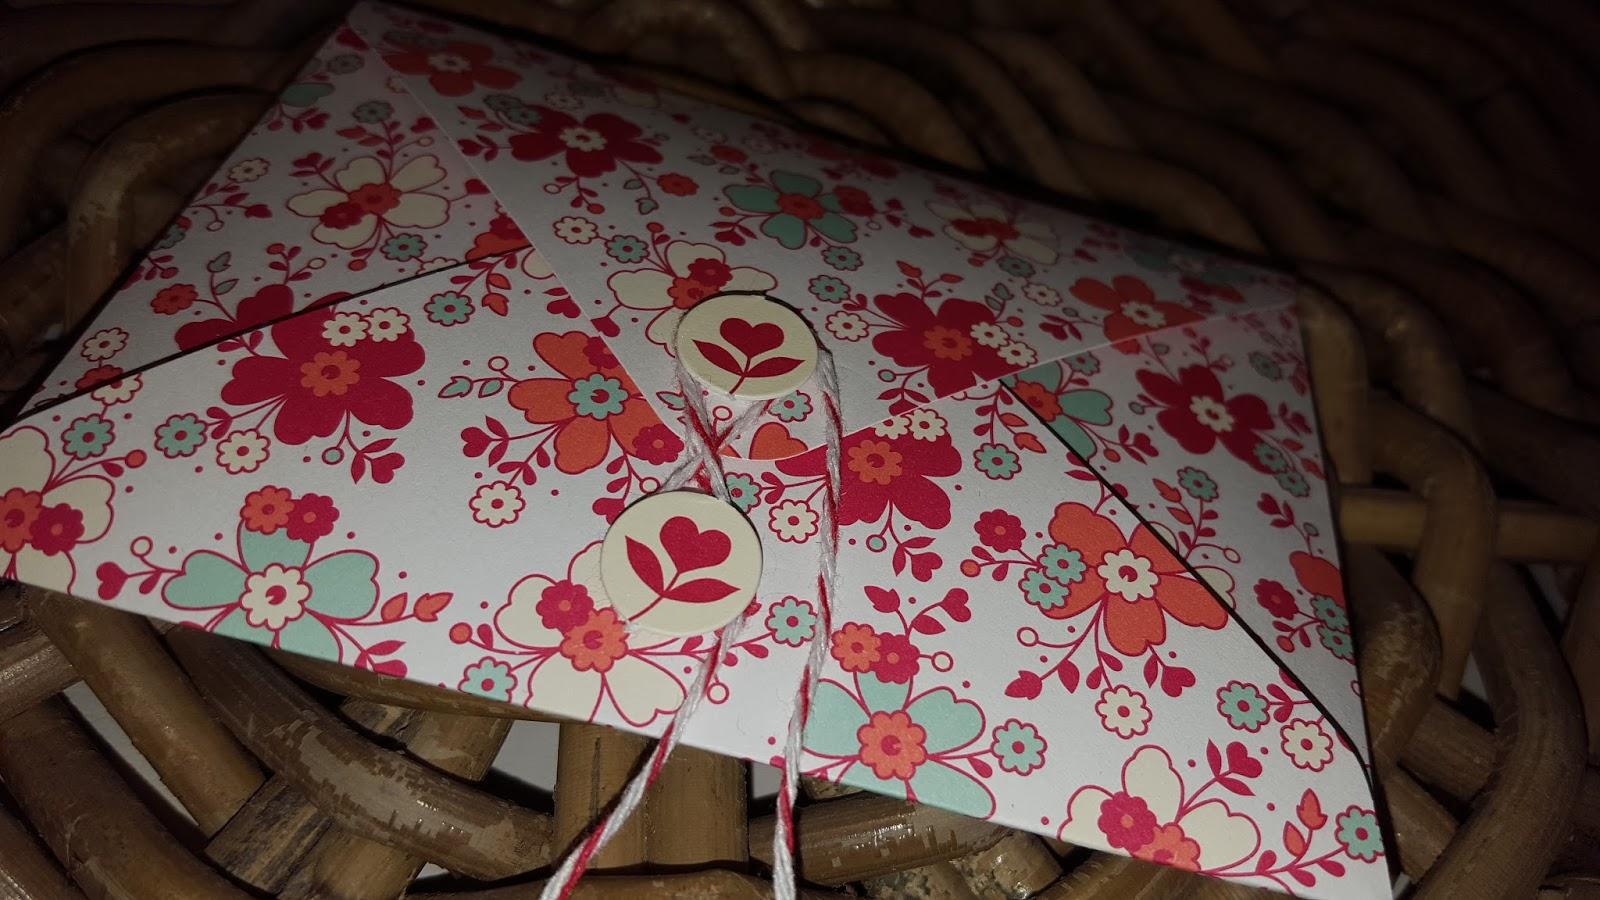 Hier Seht Ihr Einen Zettel Den Ihr Beschreiben Könnt In Einem Kleinen Und  Niedlichen Umschlag, Den Ihr Mit Einem Bändchen Schließen Könnt.